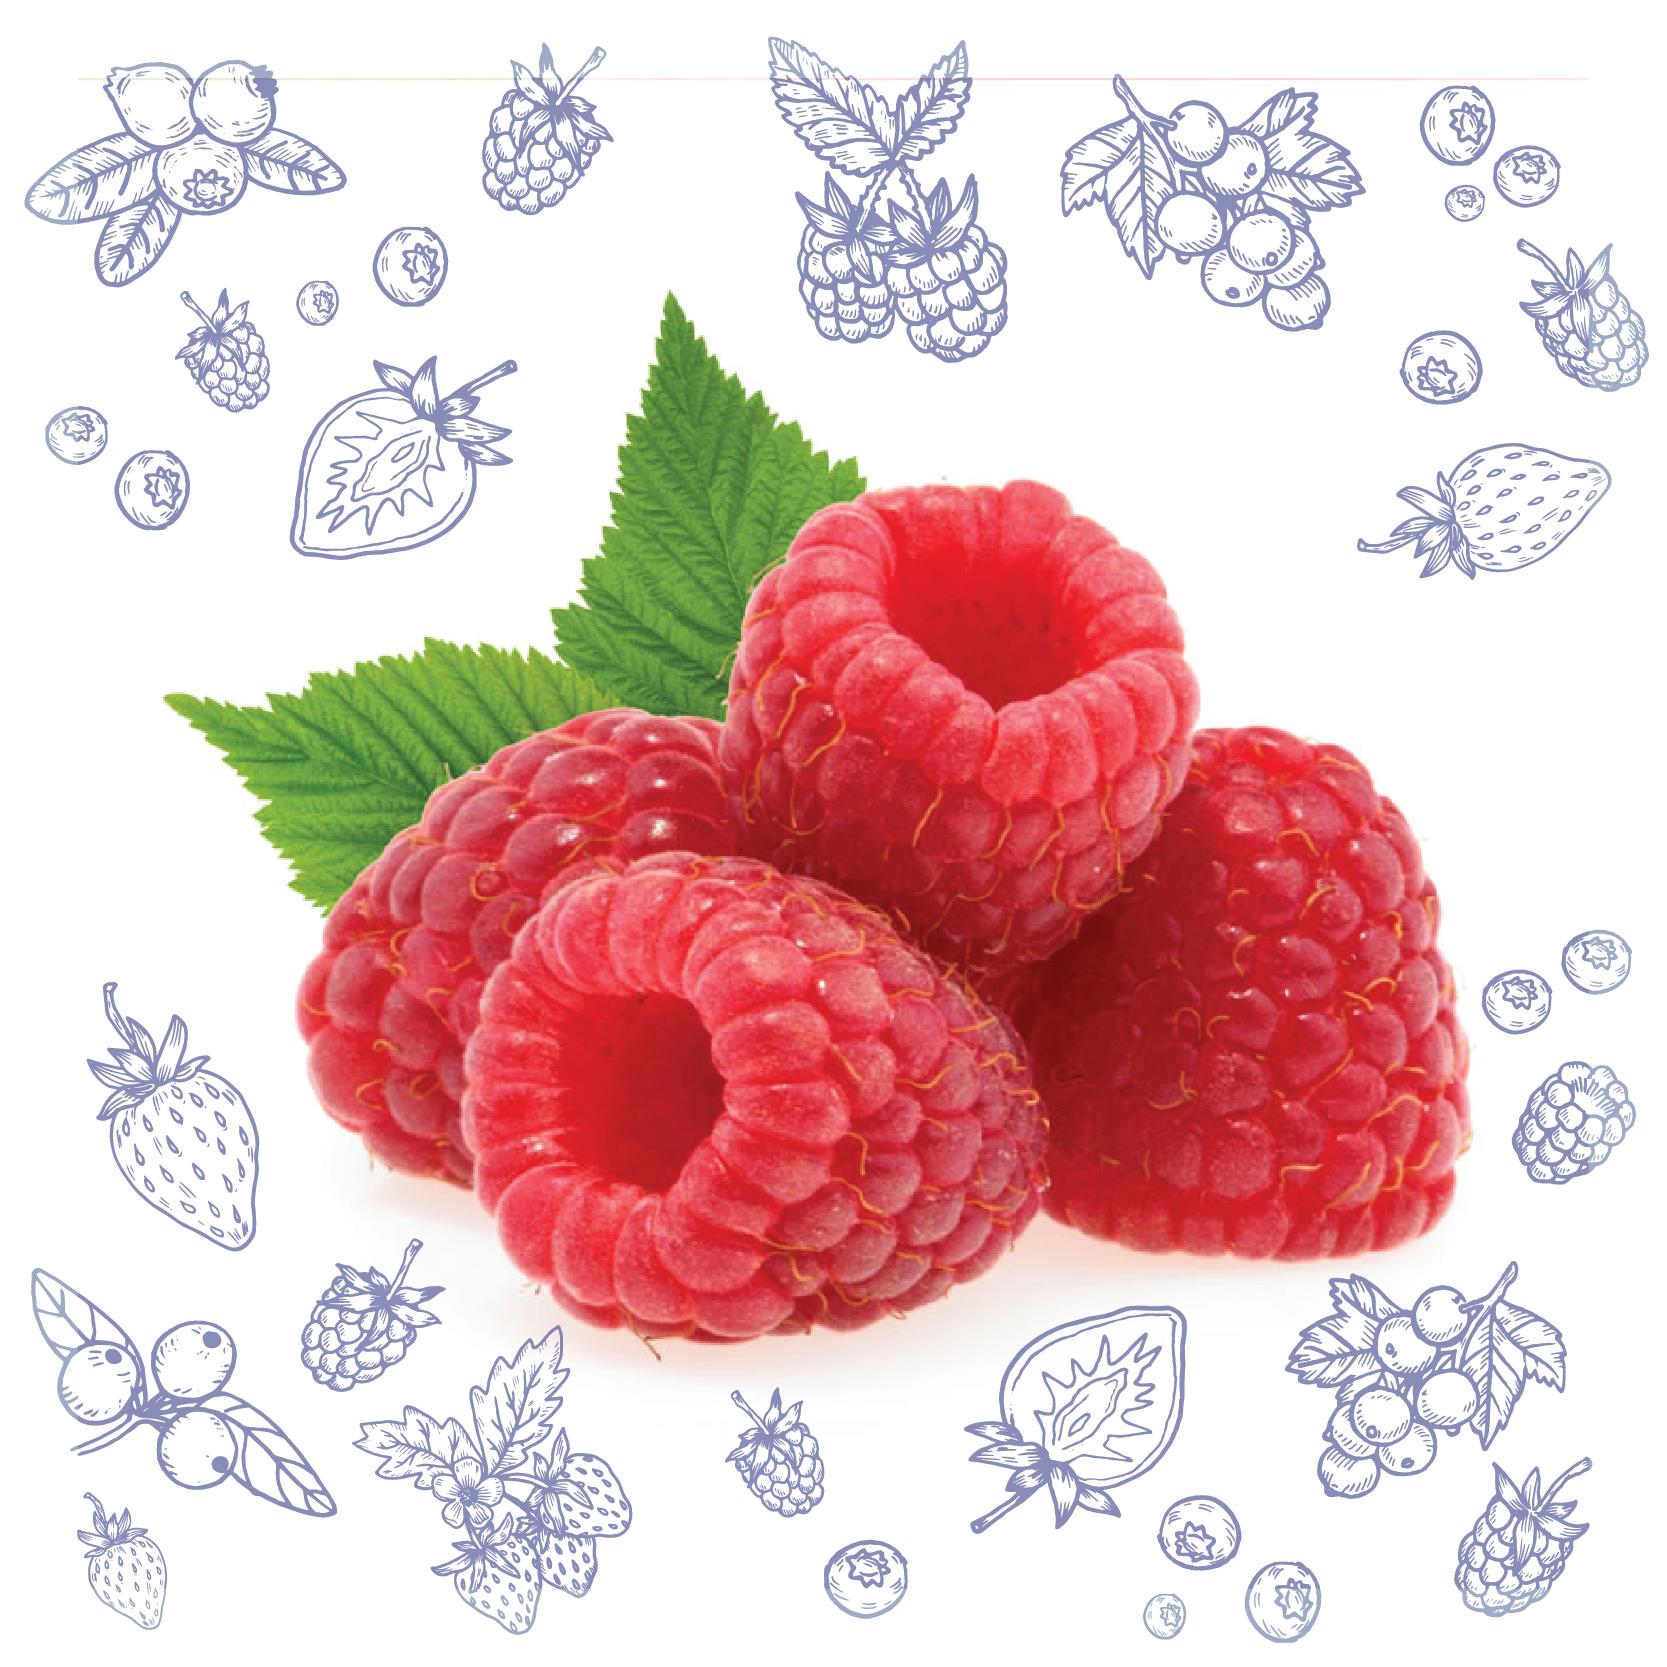 Polarica-Berries-hallon